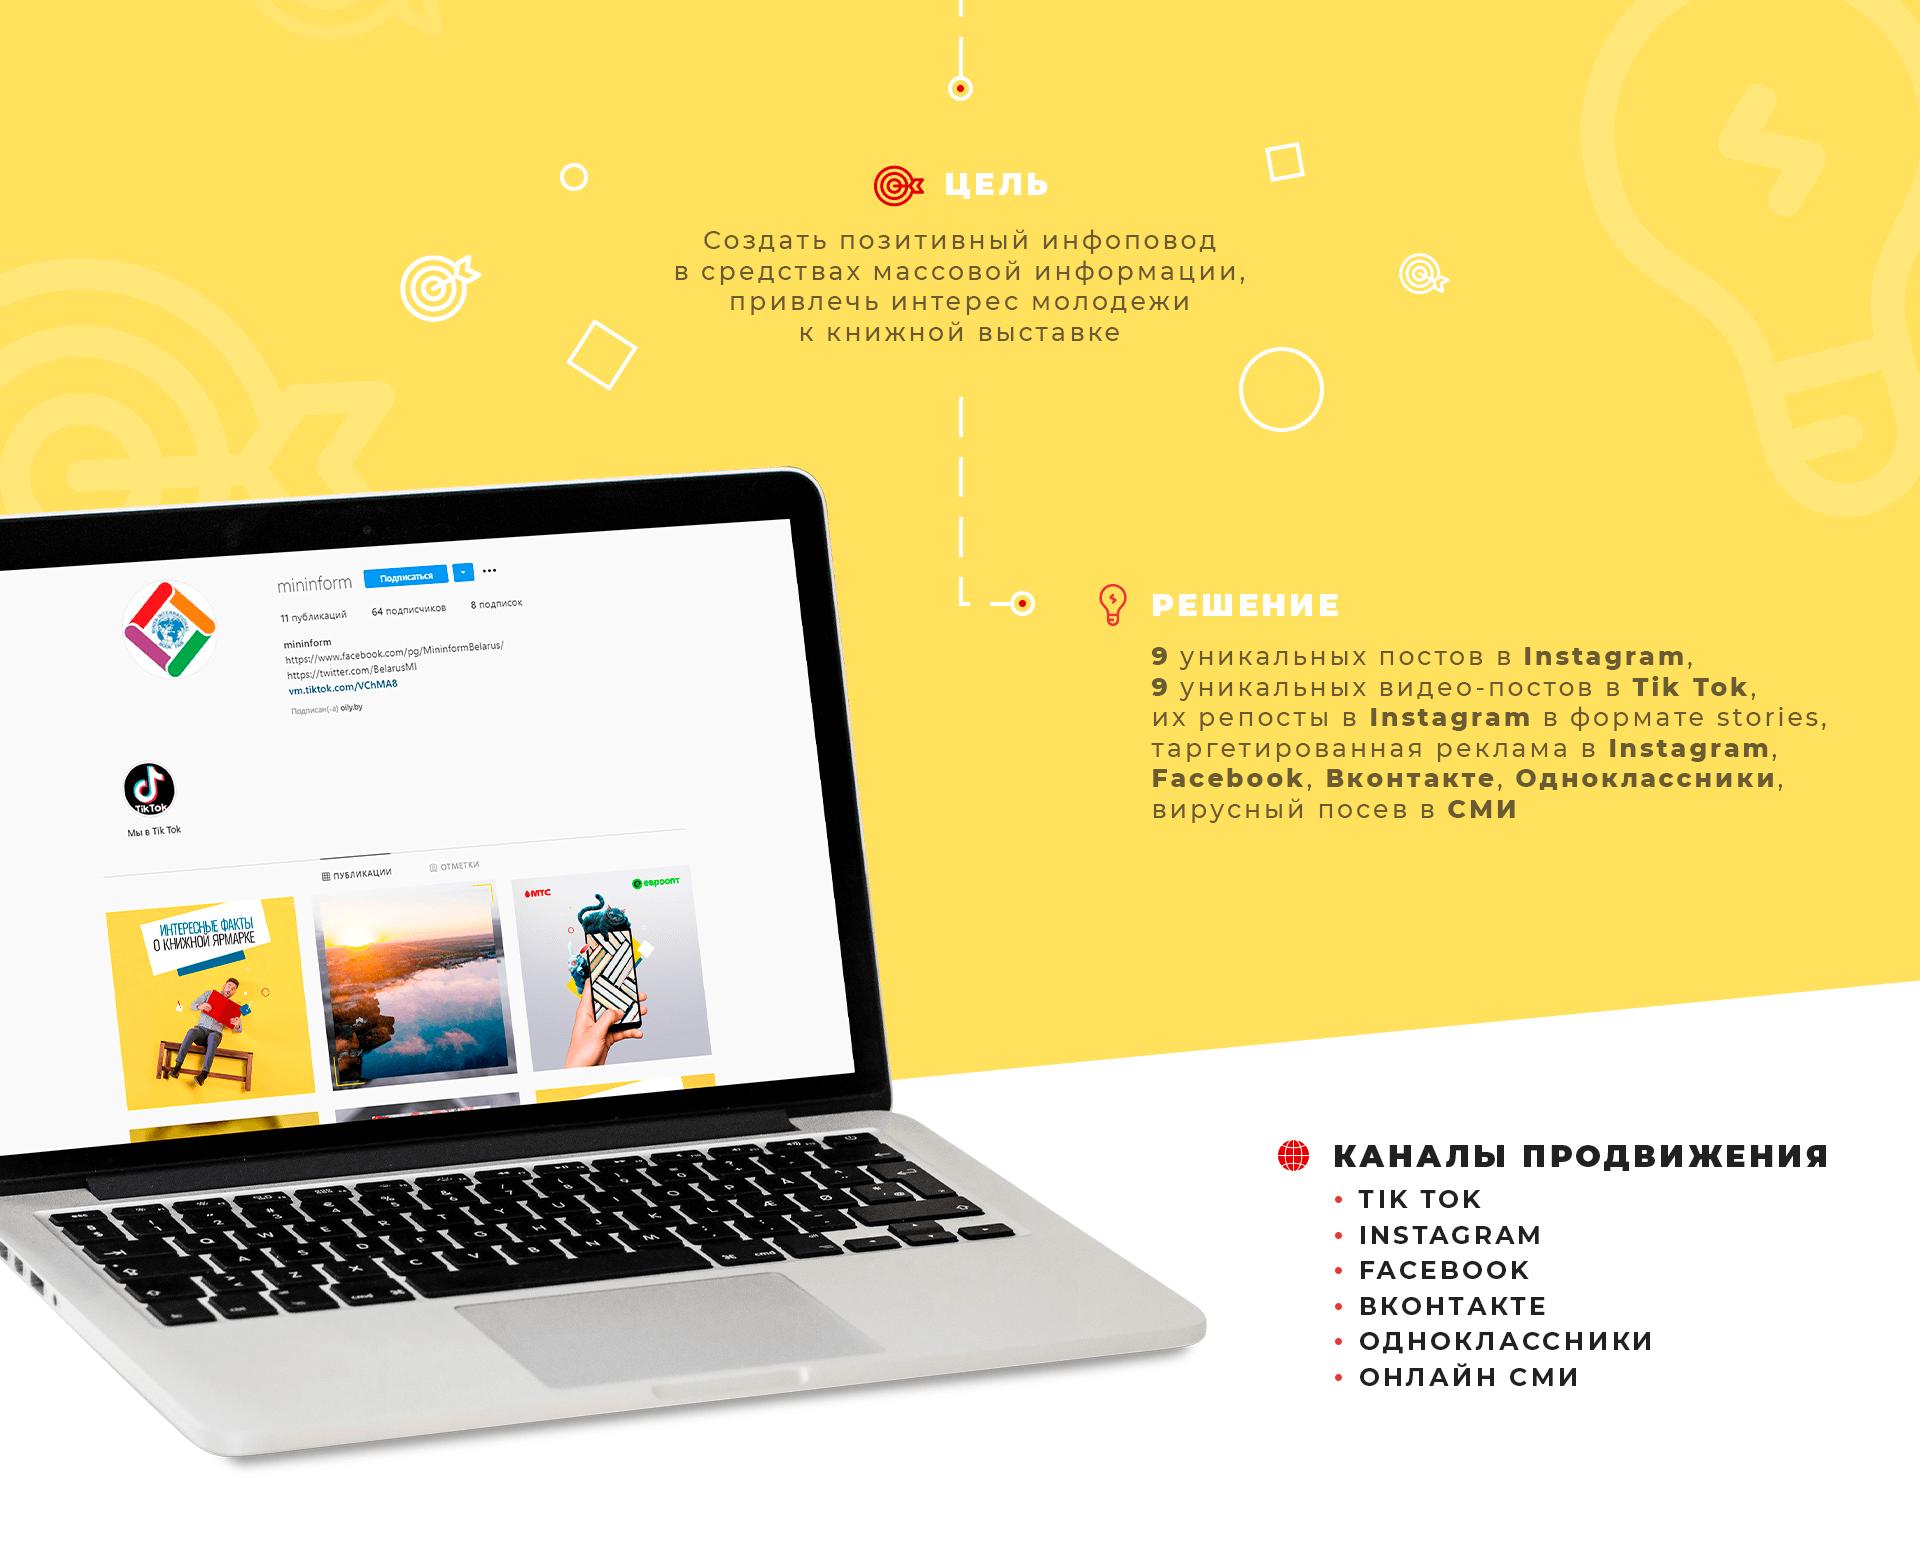 Вирусное продвижение сайта бесплатно услуги оптимизации продвижения сайта